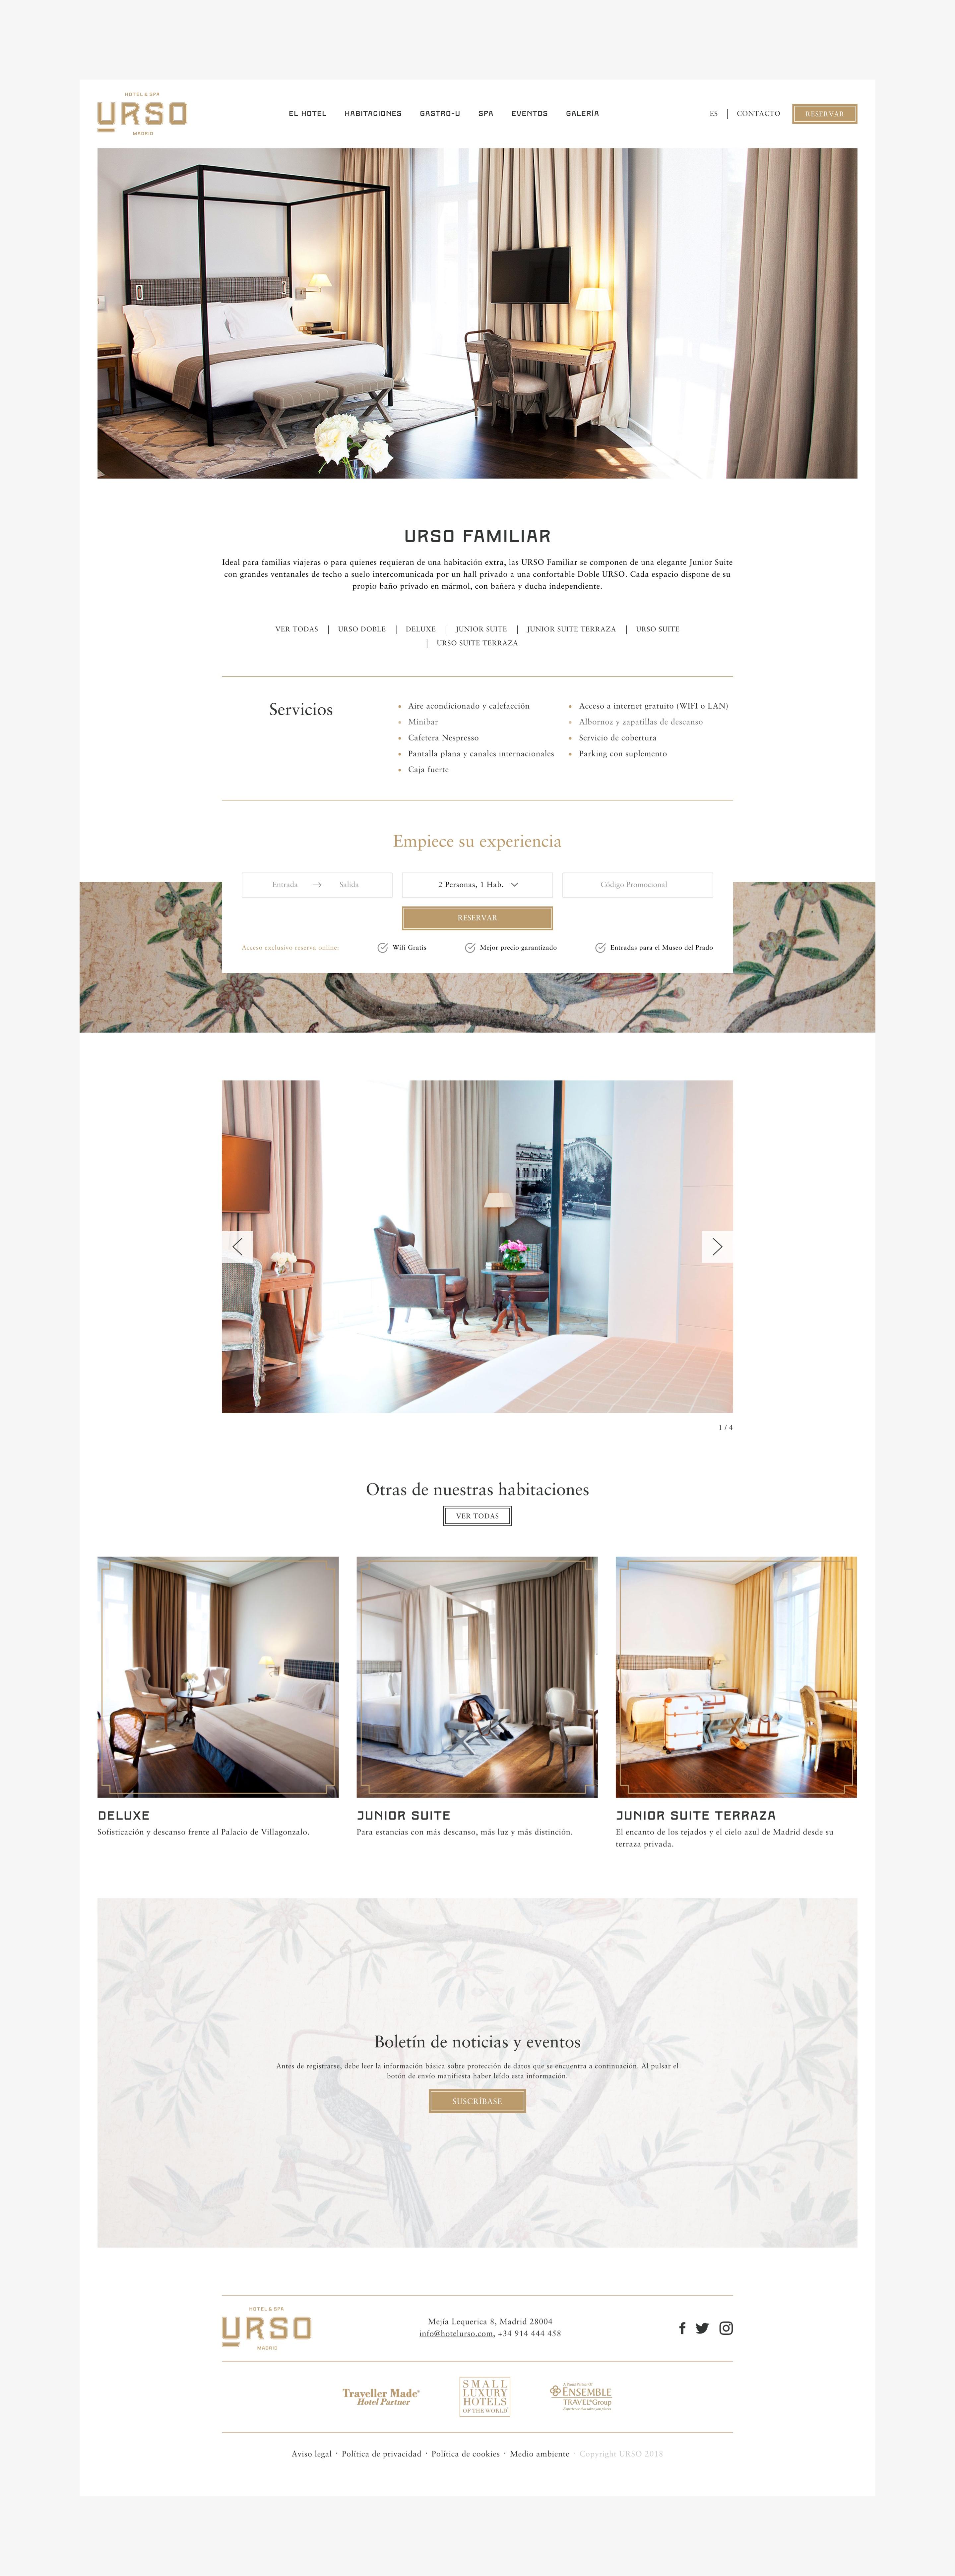 Urso hotel web detalle habitación